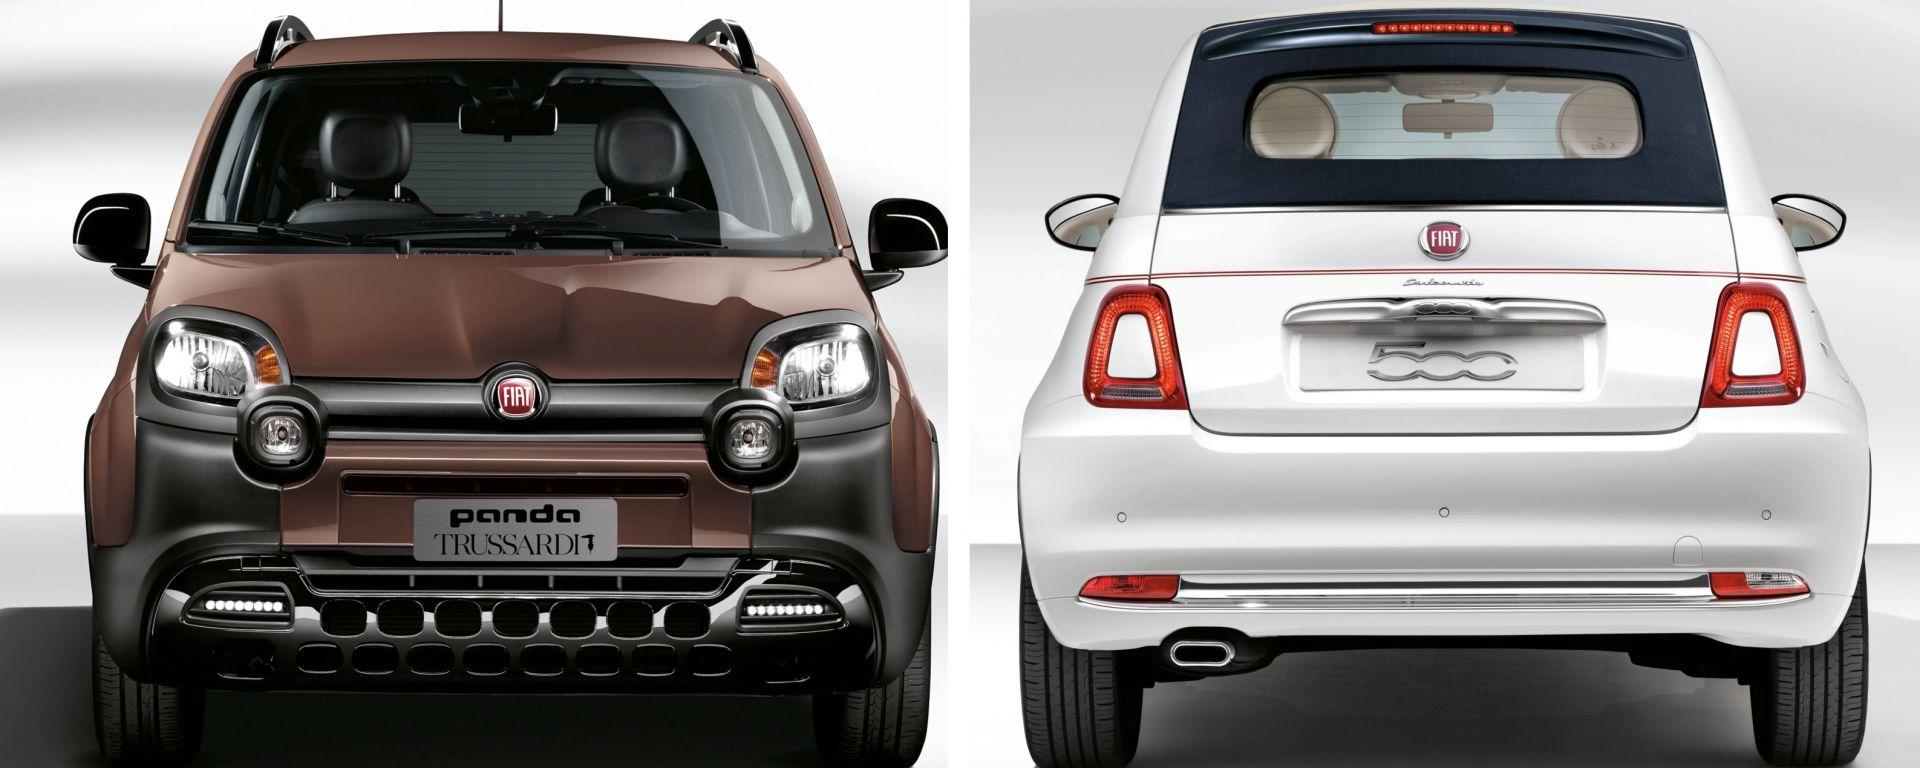 Fiat 500 e Fiat Panda, niente eredi?